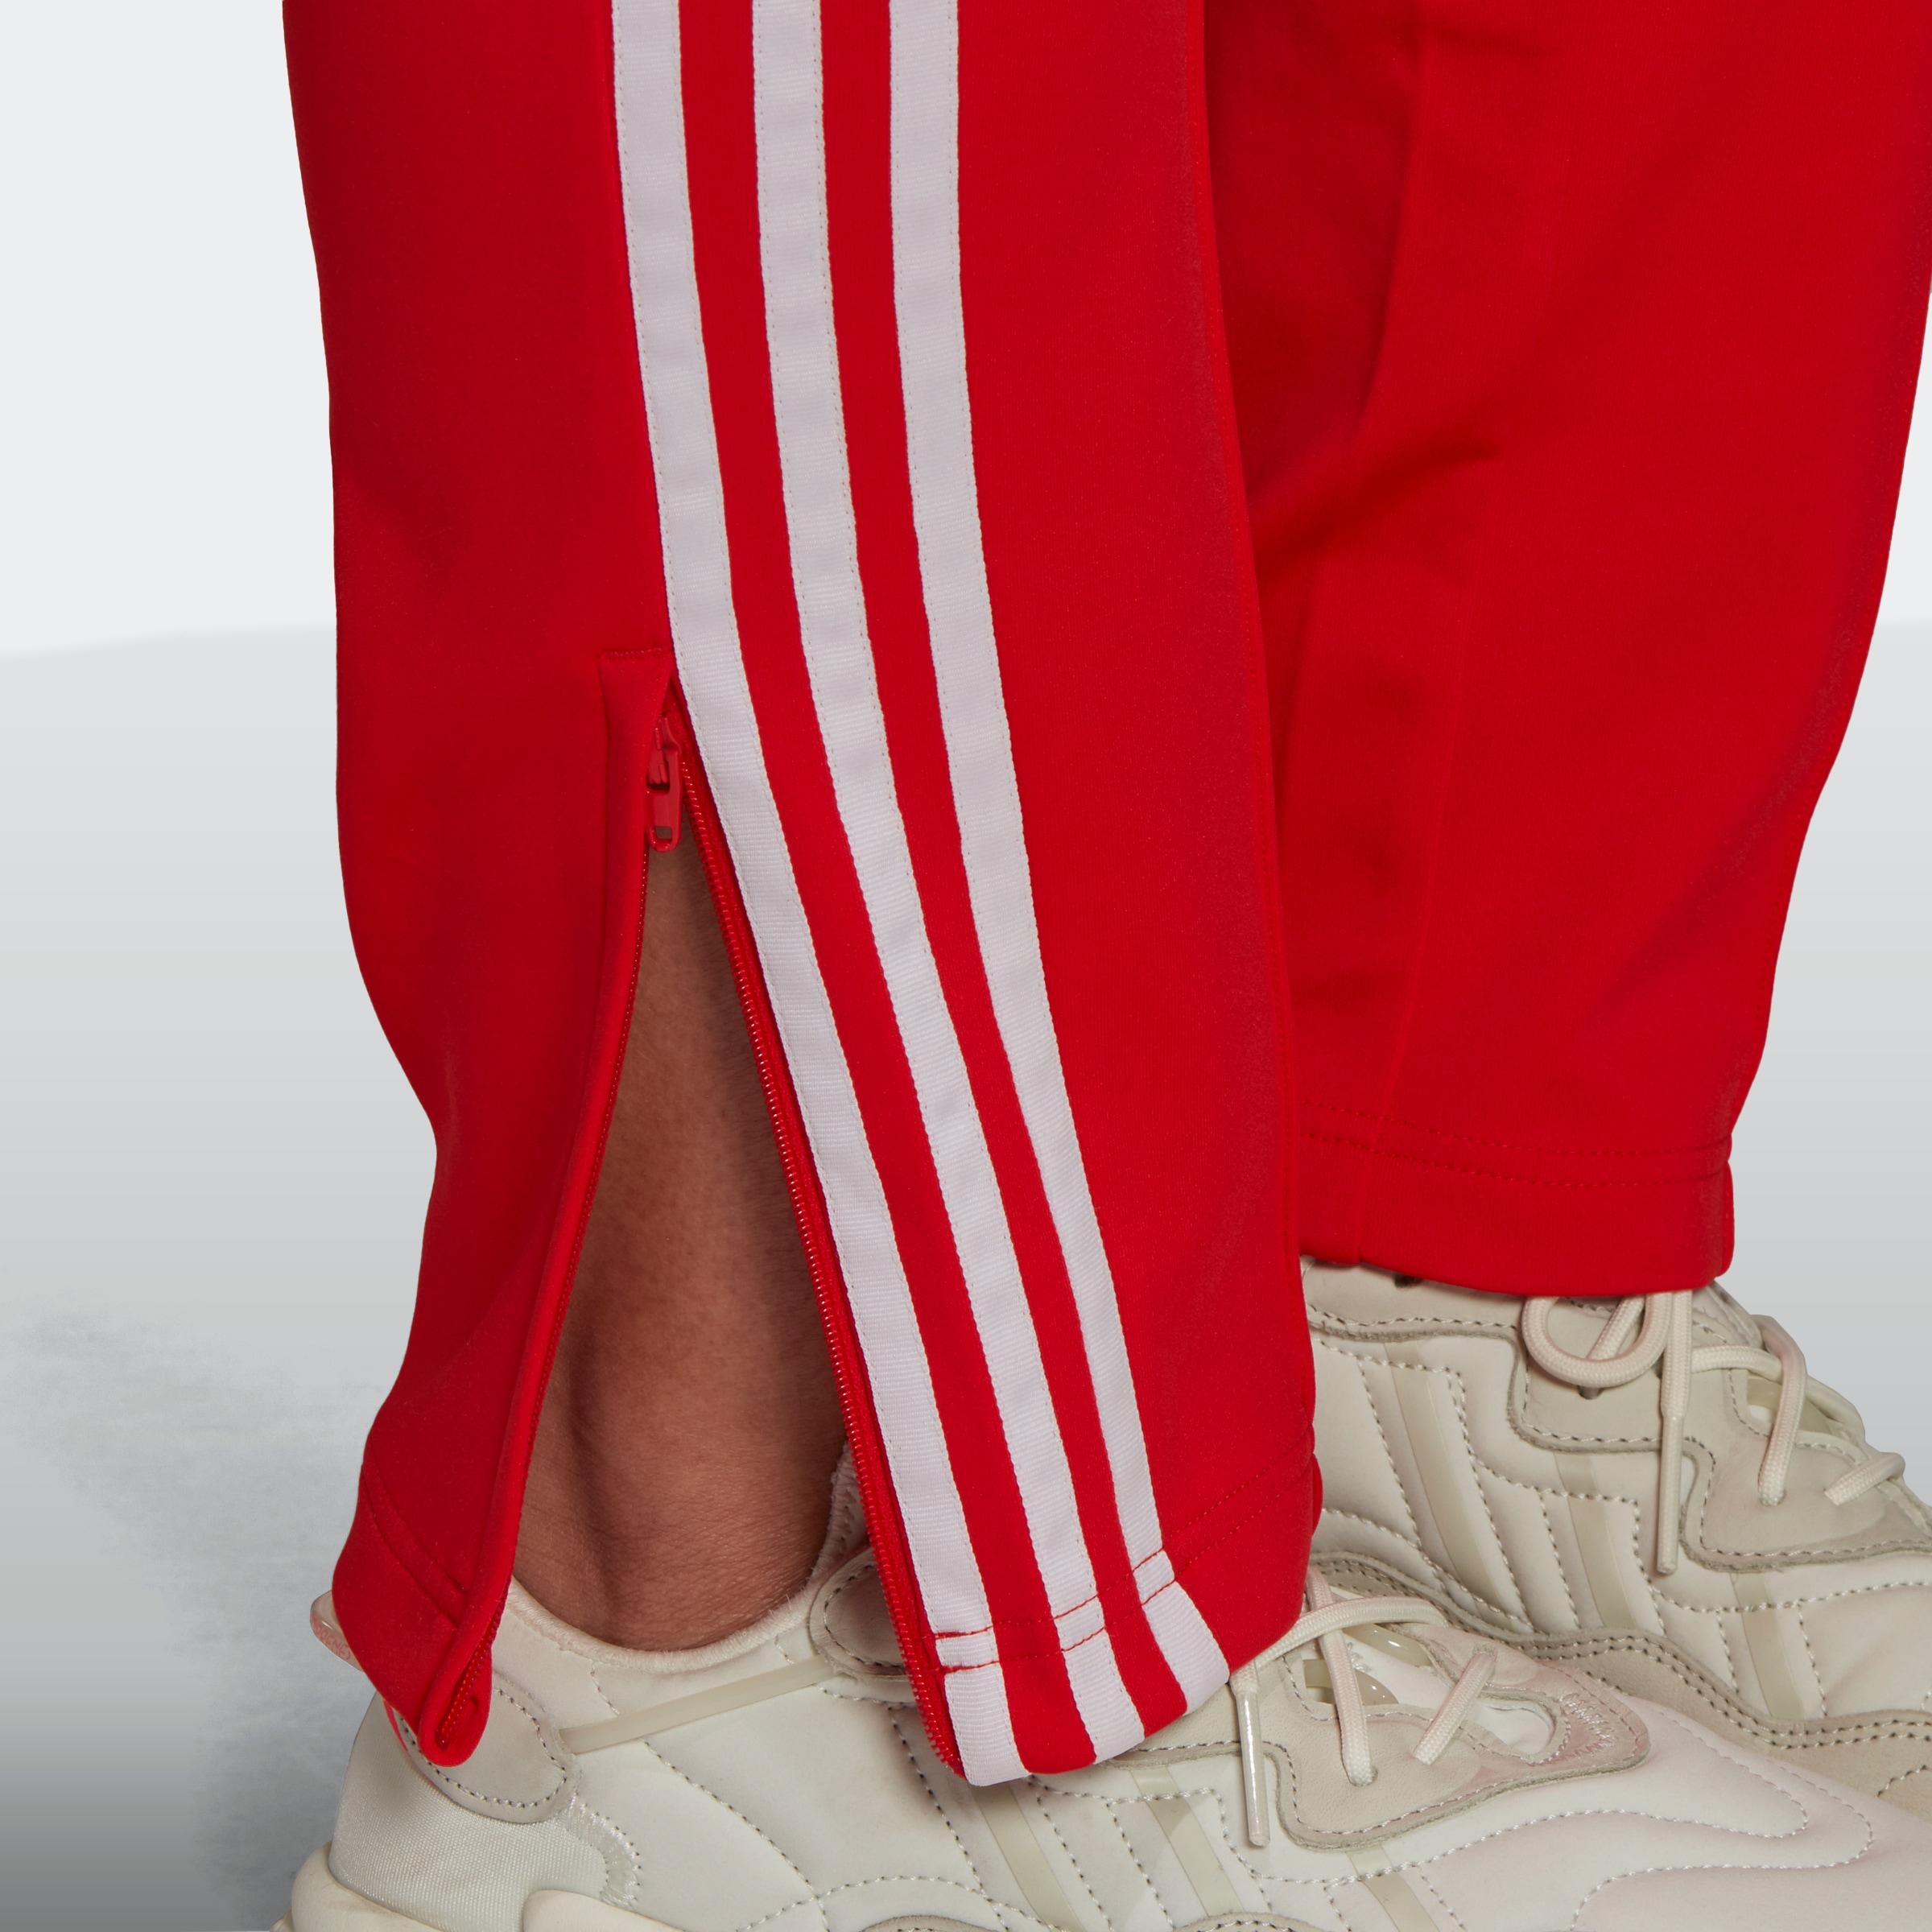 adidas originals -  Sporthose SUPERSTAR PB ADICOLOR PRIMEBLUE ORIGINALS TRACK SLIM WOMENS